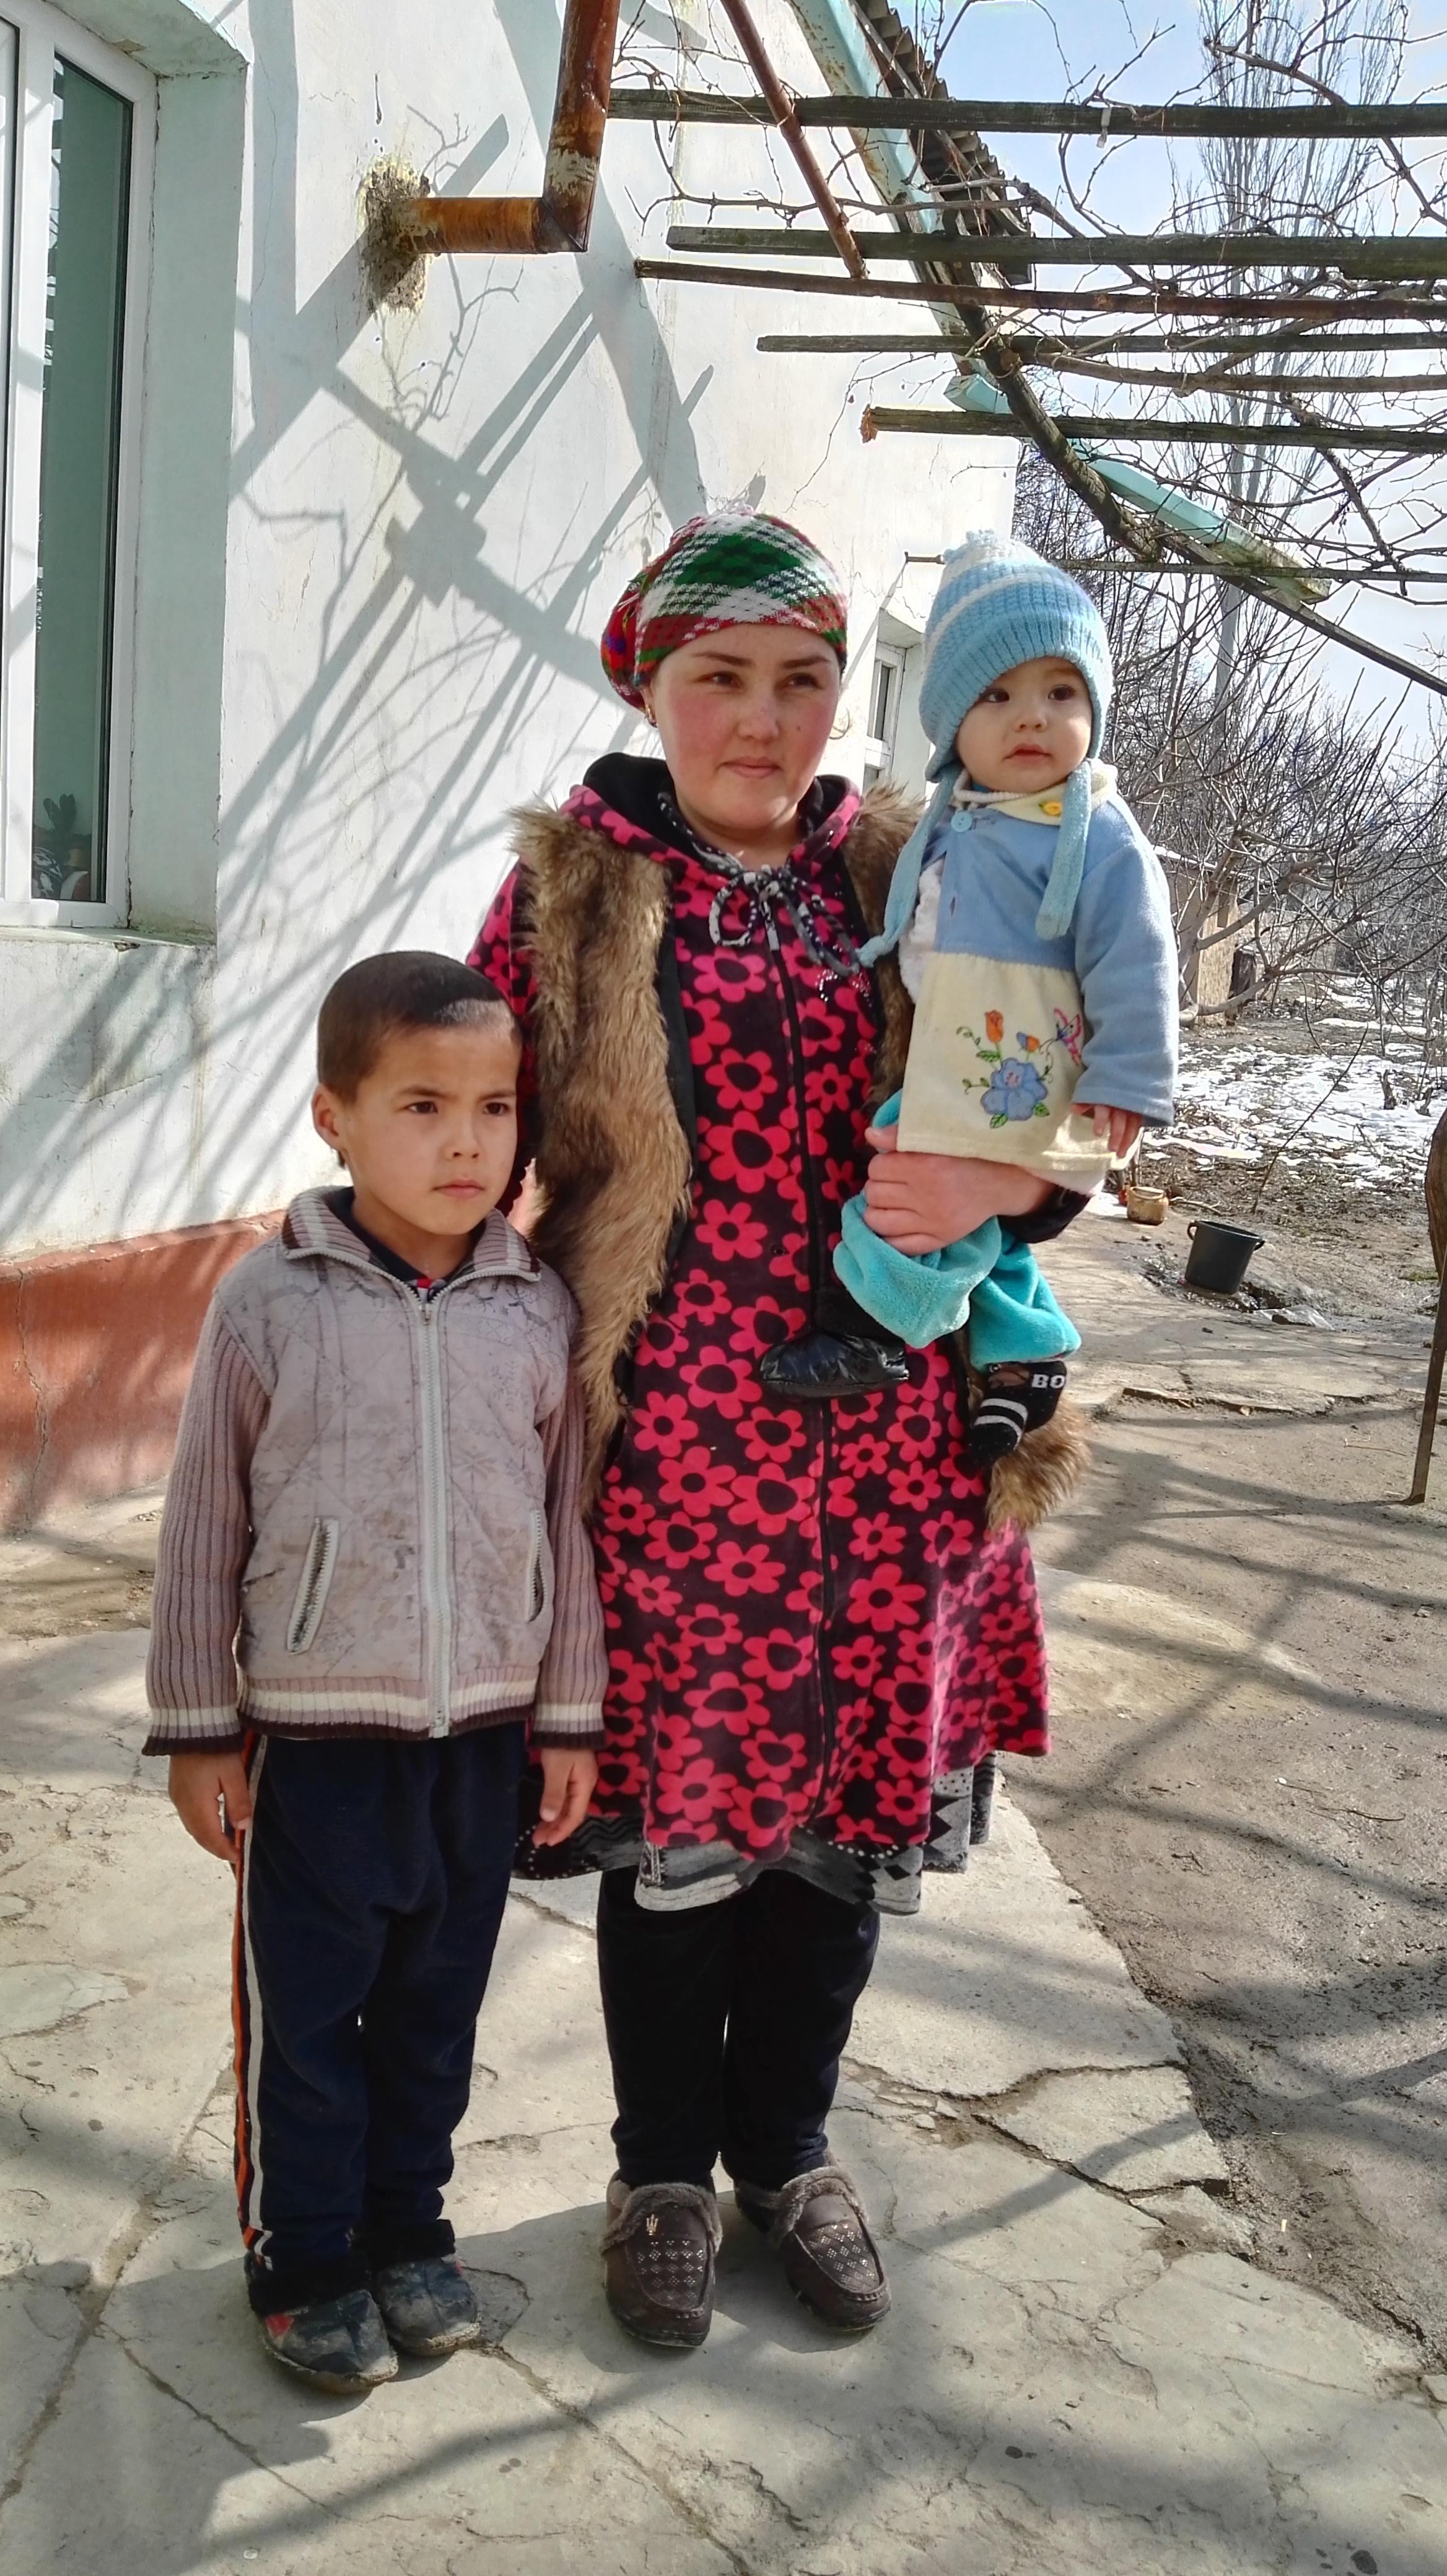 История одного таджика стала ярким примером того, как ИГИЛ пользуется финансовыми трудностями людей